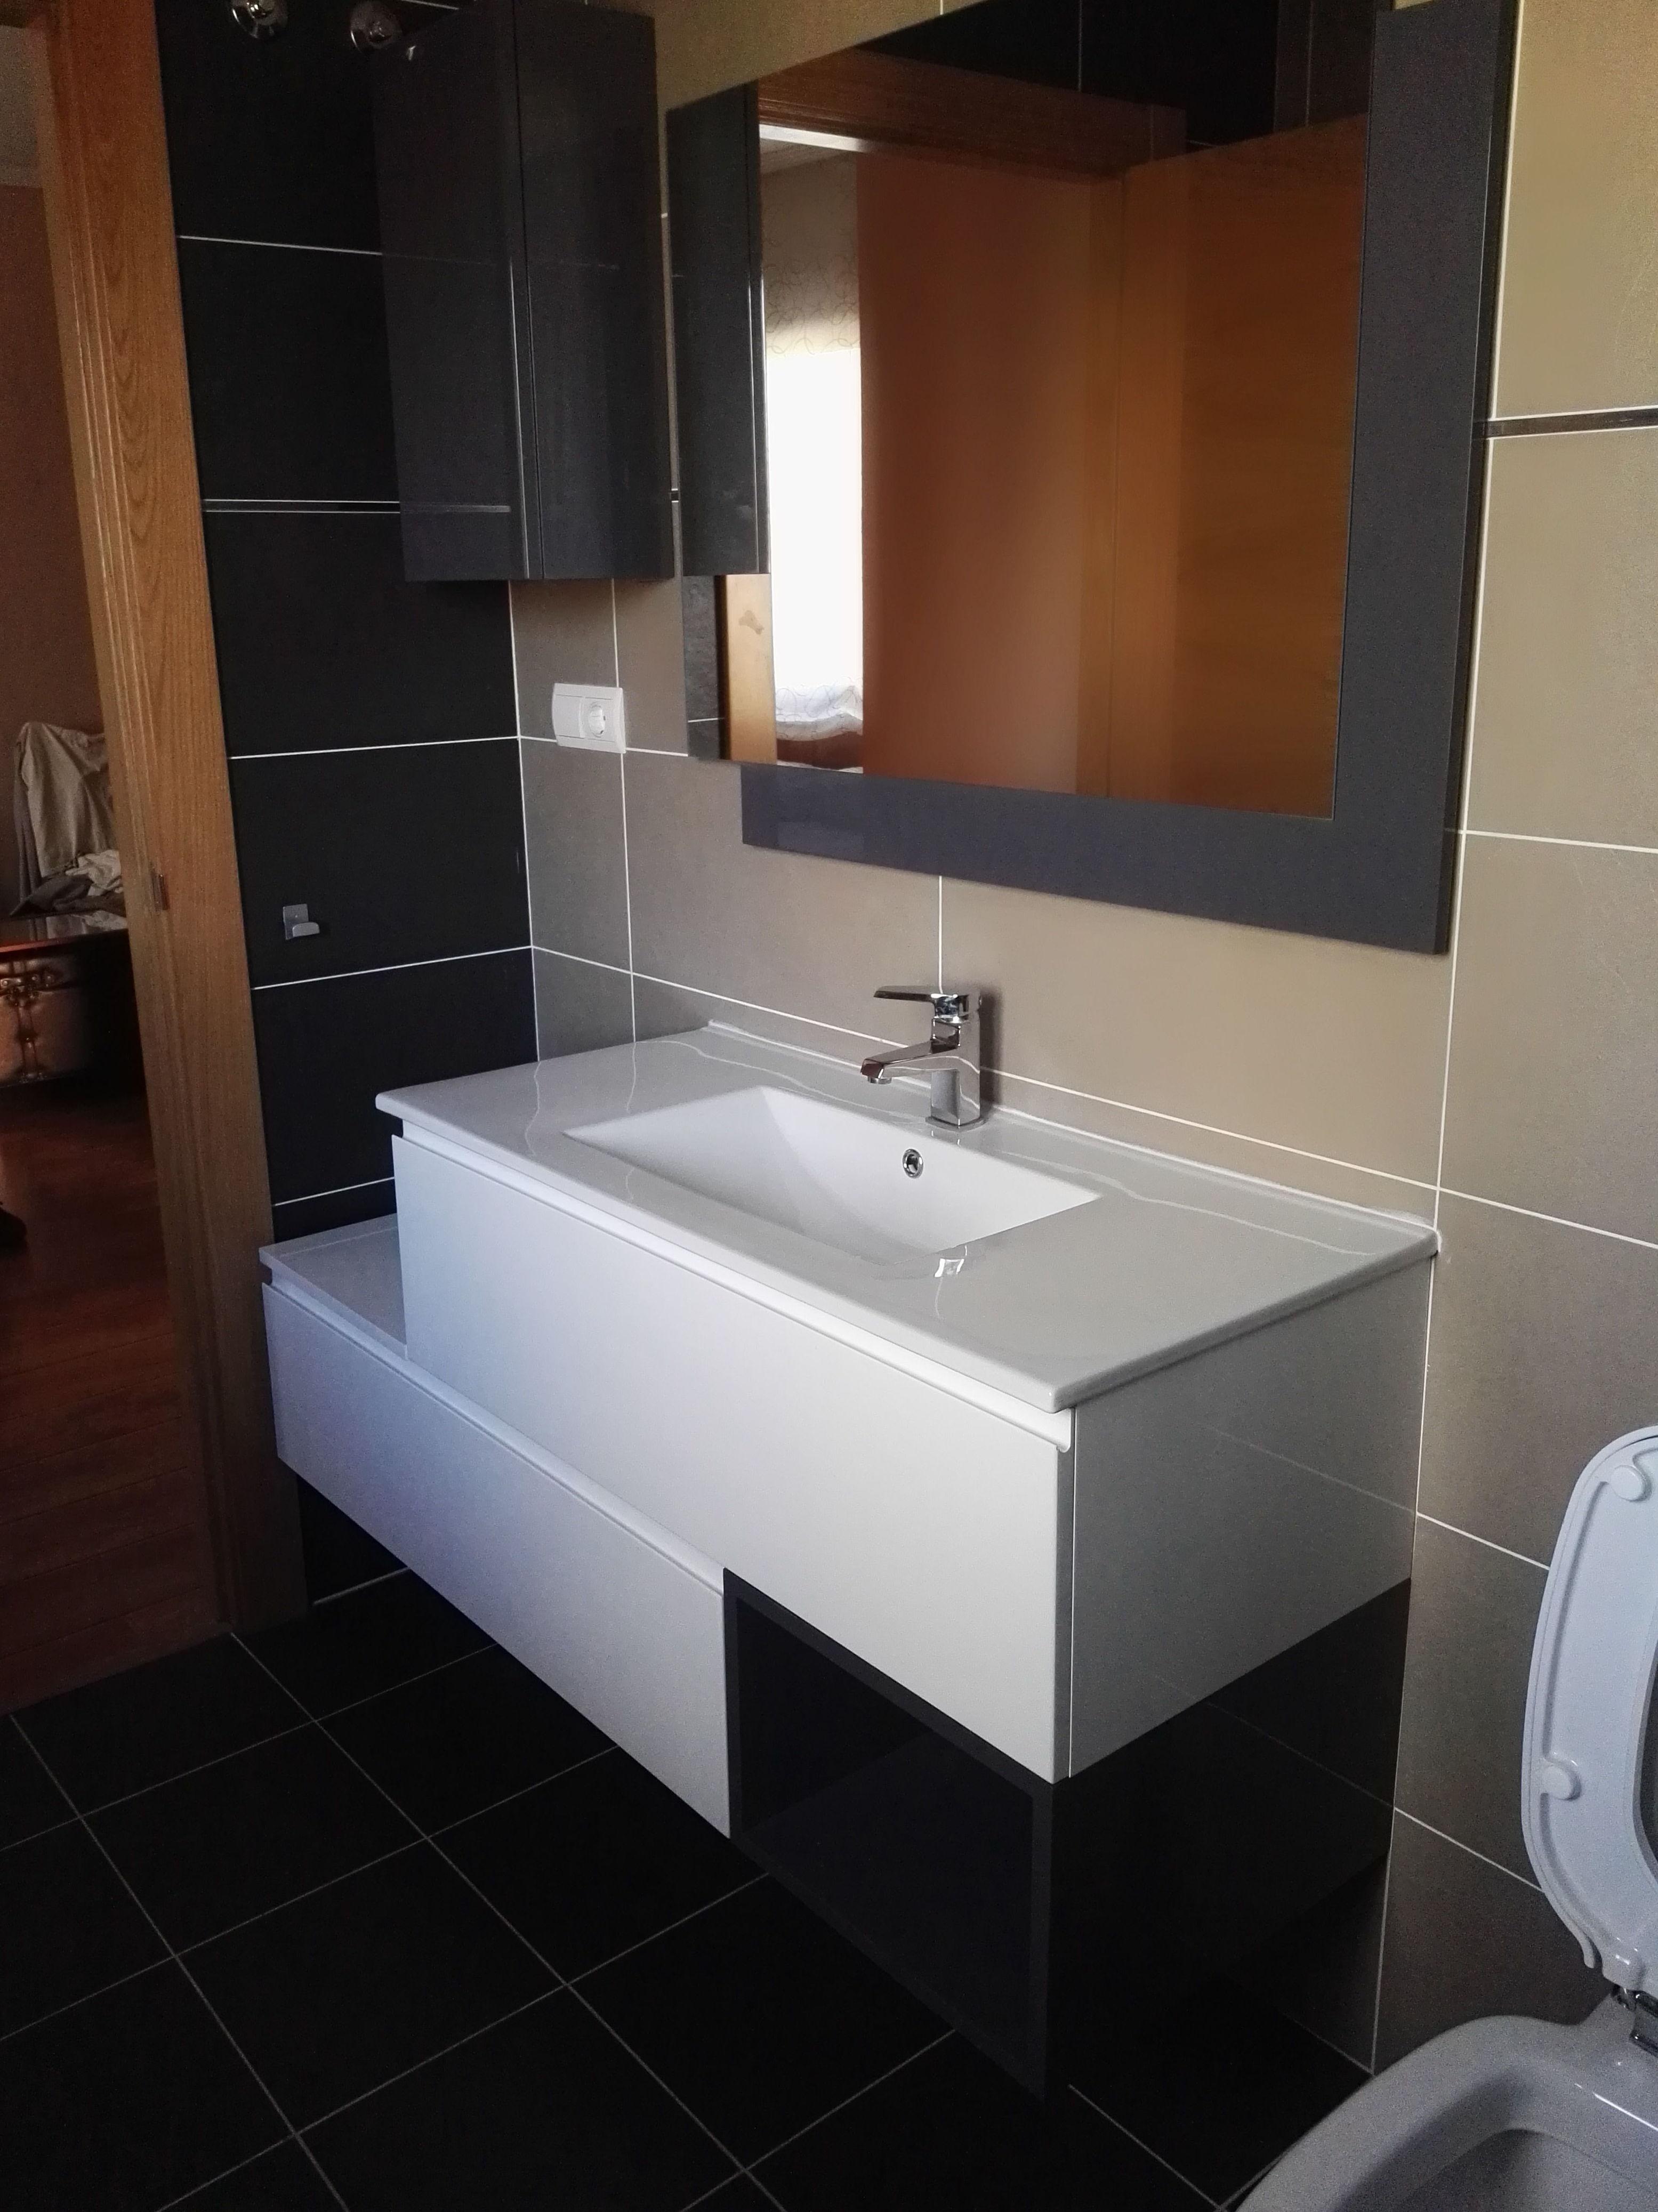 Foto 11 de Reformas en baños y cocinas en Trobajo del Camino | F. Alba, cocinas y baños